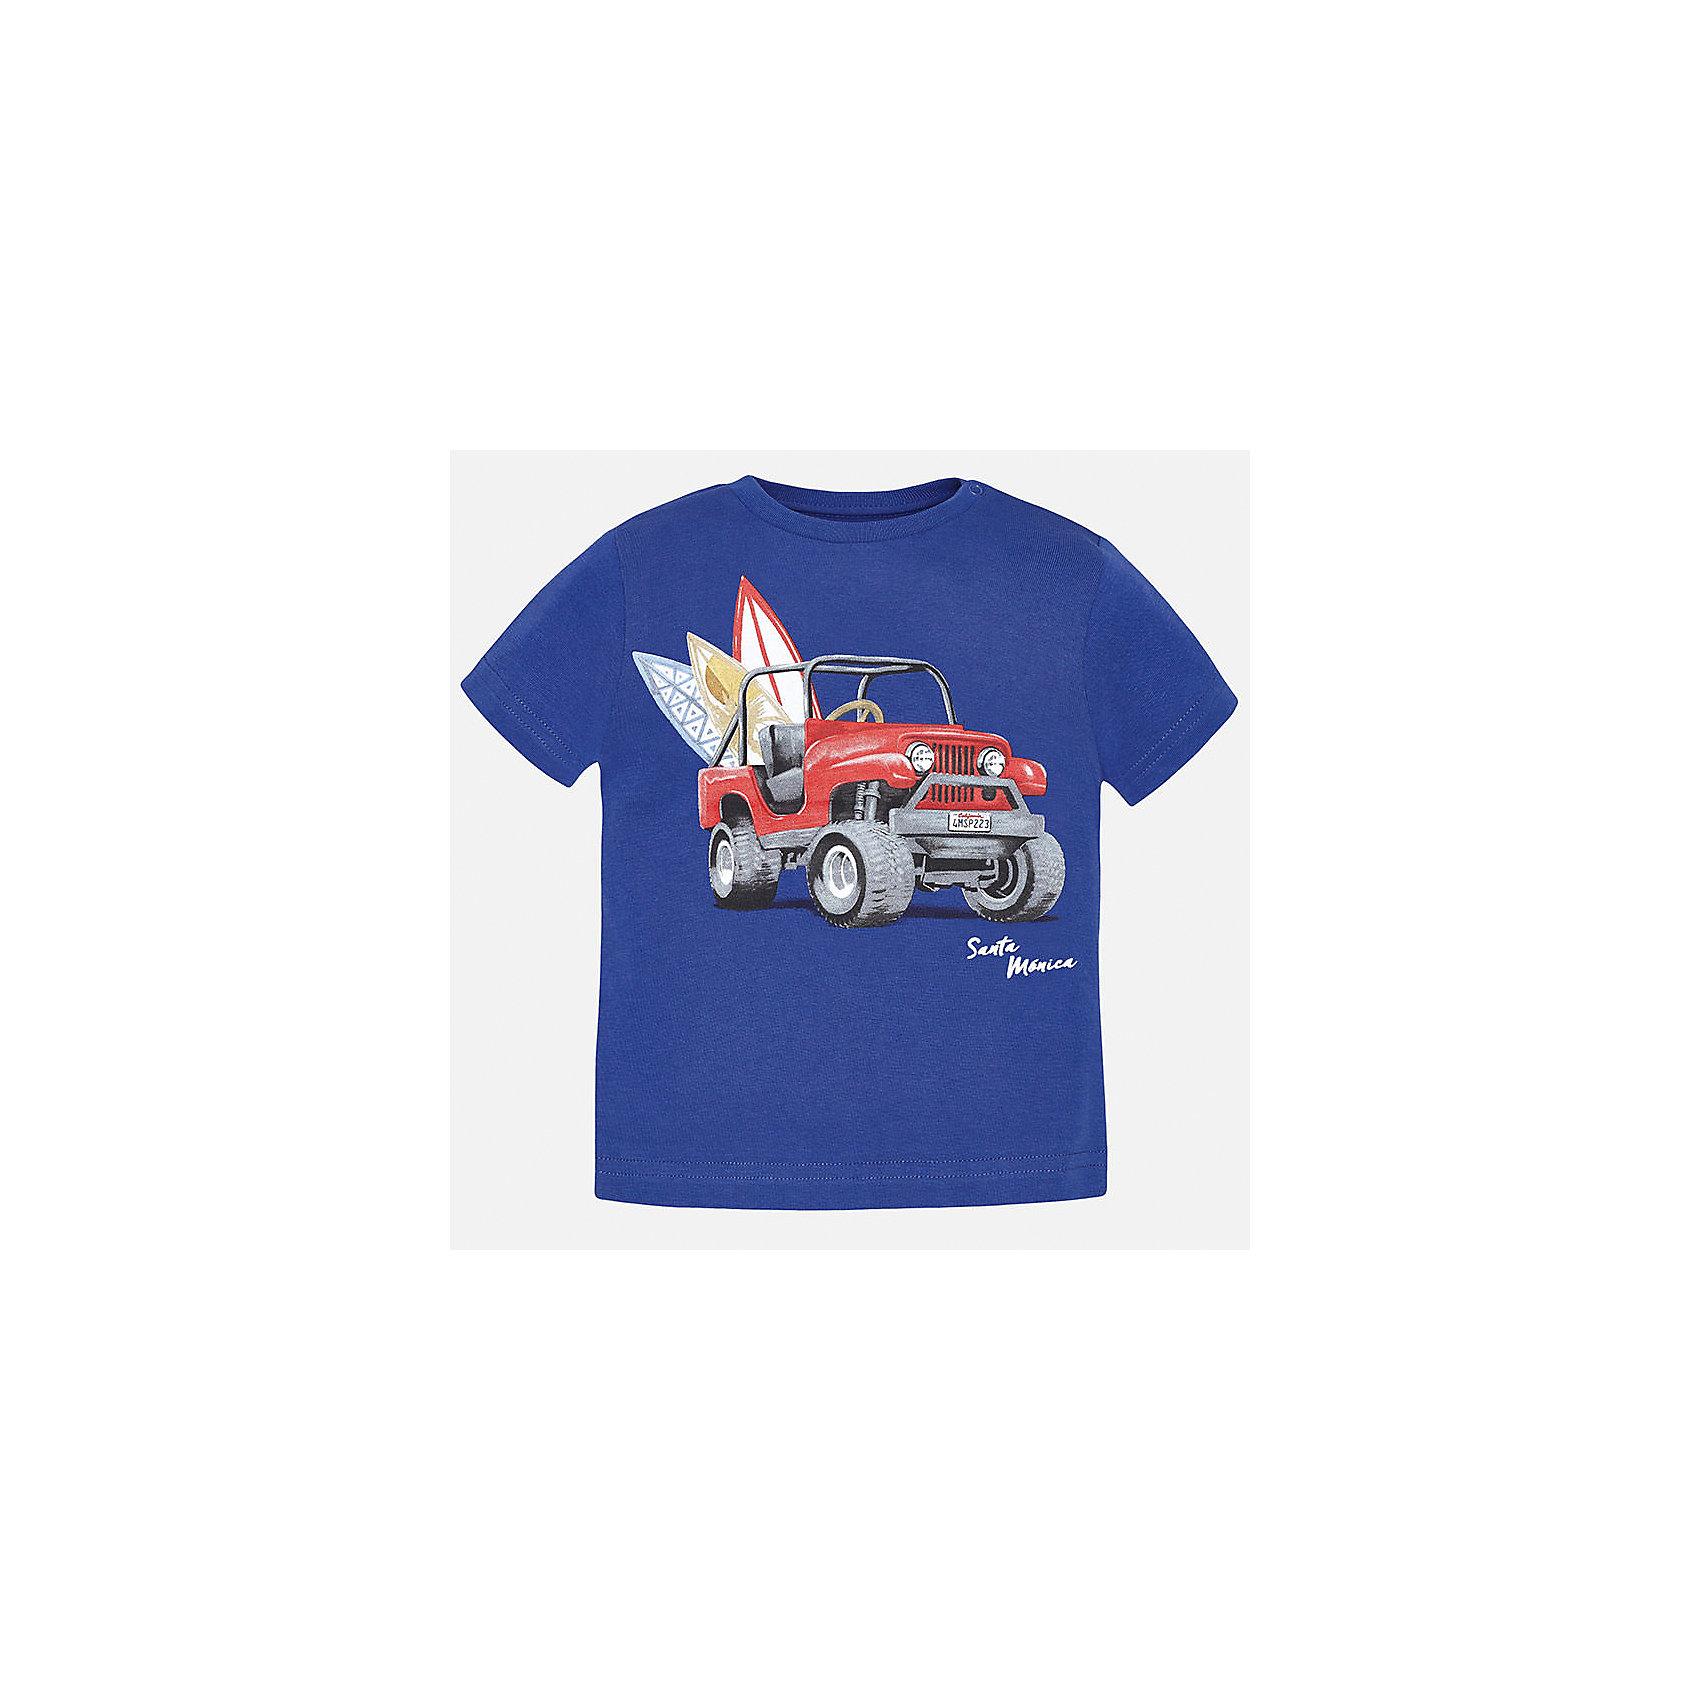 Футболка для мальчика MayoralФутболки, поло и топы<br>Характеристики товара:<br><br>• цвет: синяя<br>• состав: 100% хлопок<br>• круглый горловой вырез<br>• декорирована принтом<br>• короткие рукава<br>• мягкая отделка горловины<br>• страна бренда: Испания<br><br>Красивая хлопковая футболка с принтом поможет разнообразить гардероб мальчика. Она отлично сочетается с брюками, шортами, джинсами. Универсальный крой и цвет позволяет подобрать к вещи низ разных расцветок. Практичное и стильное изделие! Хорошо смотрится и комфортно сидит на детях. В составе материала - только натуральный хлопок, гипоаллергенный, приятный на ощупь, дышащий. <br><br>Одежда, обувь и аксессуары от испанского бренда Mayoral полюбились детям и взрослым по всему миру. Модели этой марки - стильные и удобные. Для их производства используются только безопасные, качественные материалы и фурнитура. Порадуйте ребенка модными и красивыми вещами от Mayoral! <br><br>Футболку для мальчика от испанского бренда Mayoral (Майорал) можно купить в нашем интернет-магазине.<br><br>Ширина мм: 199<br>Глубина мм: 10<br>Высота мм: 161<br>Вес г: 151<br>Цвет: синий<br>Возраст от месяцев: 12<br>Возраст до месяцев: 15<br>Пол: Мужской<br>Возраст: Детский<br>Размер: 80,92,86<br>SKU: 5278485